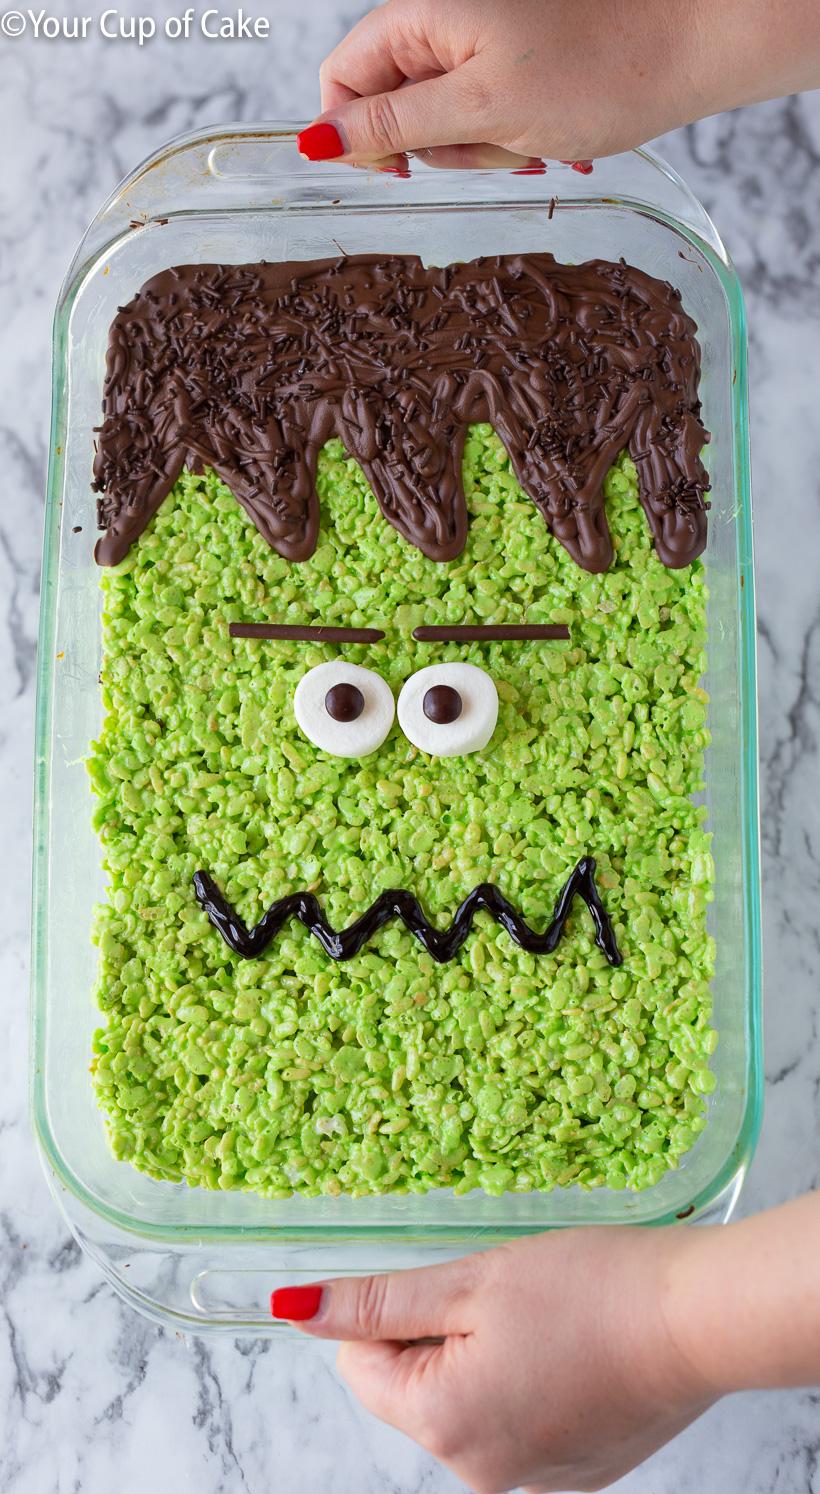 ¡Convierte una sartén de krispies de arroz en un GRAN Frankenstein Rice Krispie Treat para Halloween! ¡Me encanta una receta fácil sin hornear!